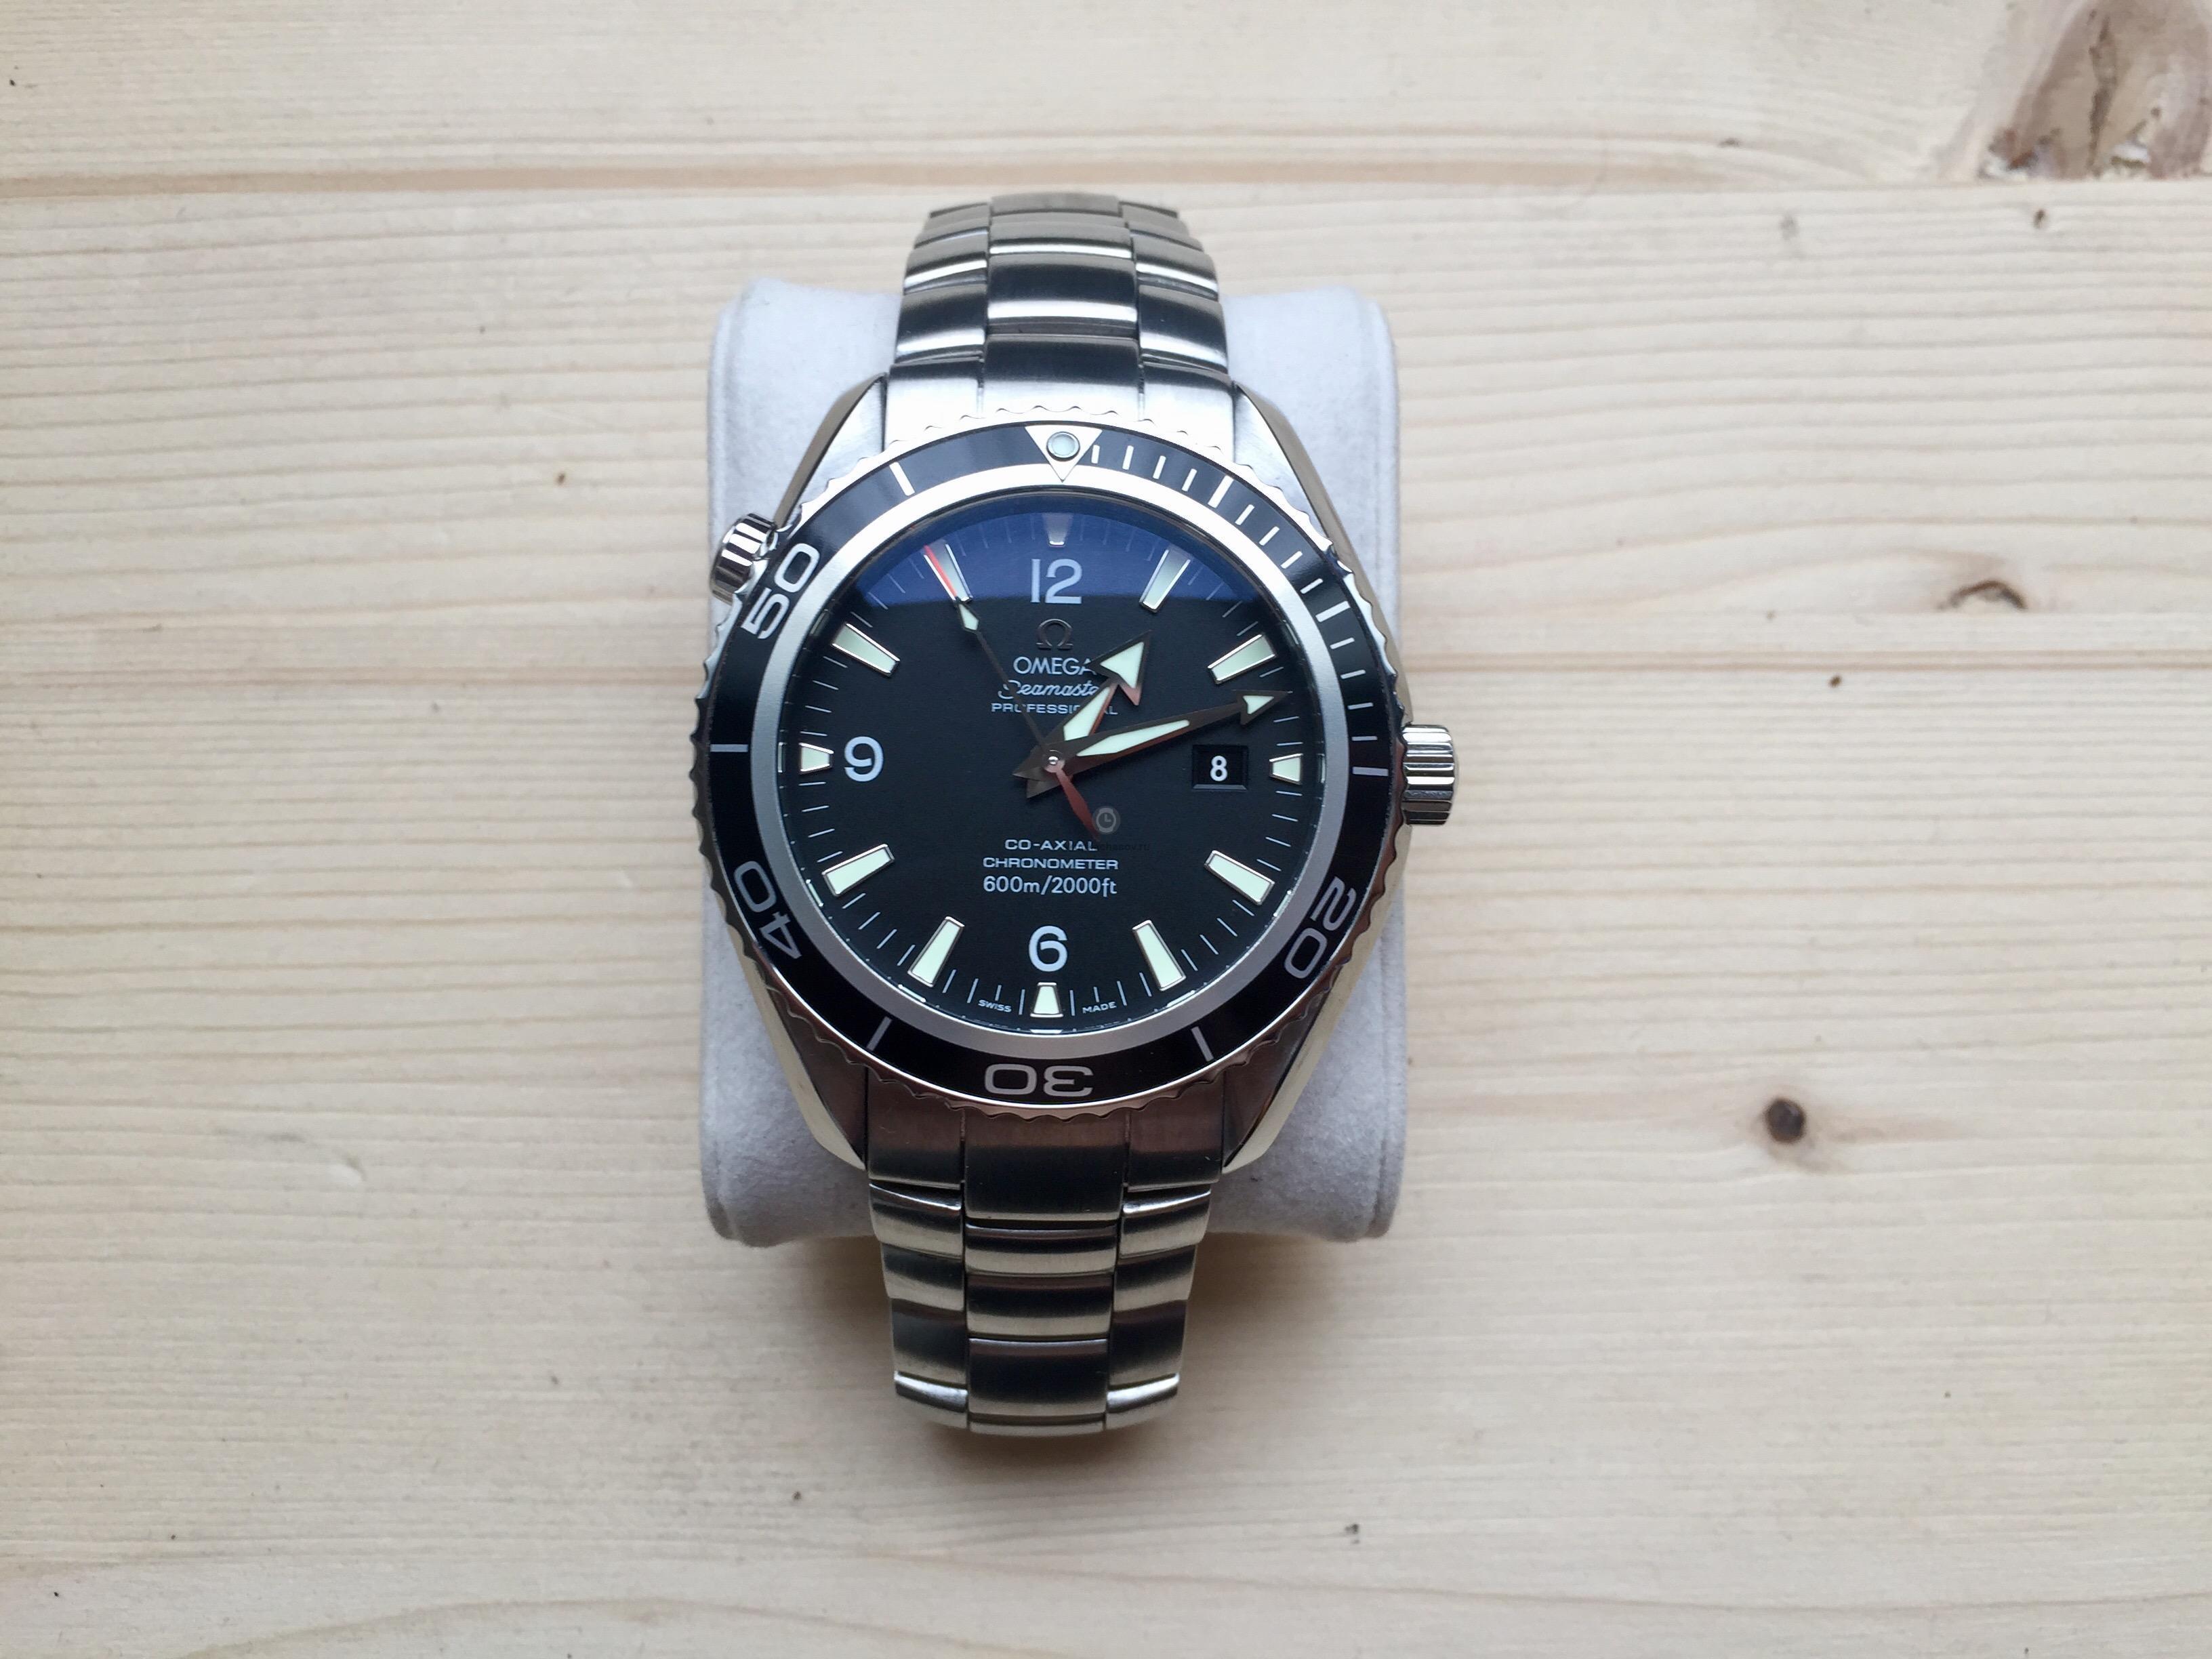 Купить наручные часы Omega Seamaster Planet Ocean Big Size в Часовой ... e29b8c5ef1e